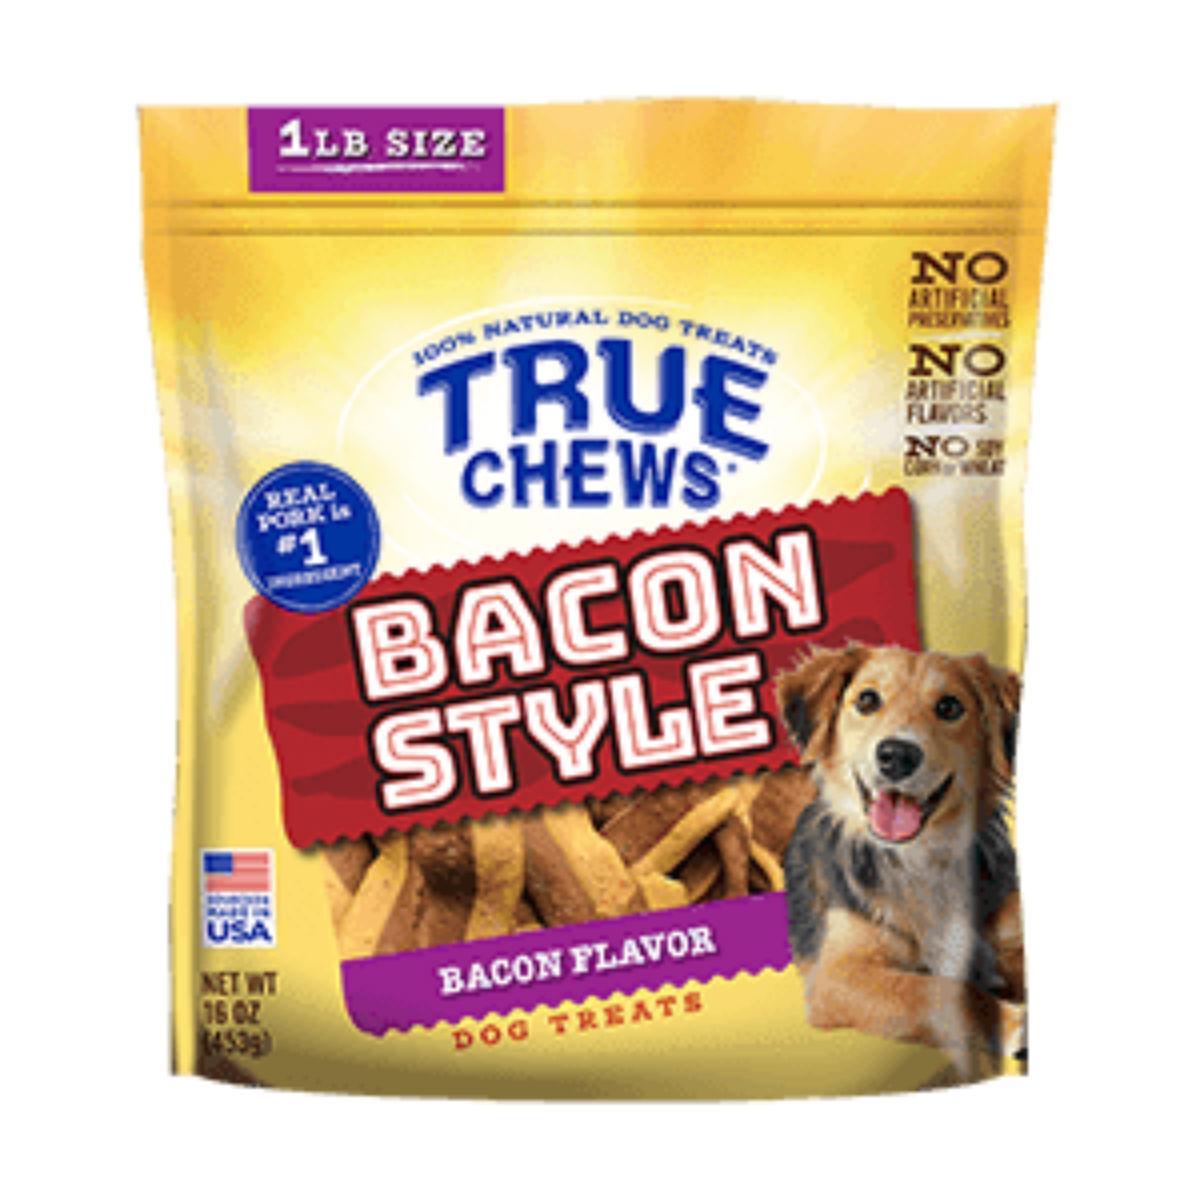 True Chews Bacon Style Dog Treat - Bacon